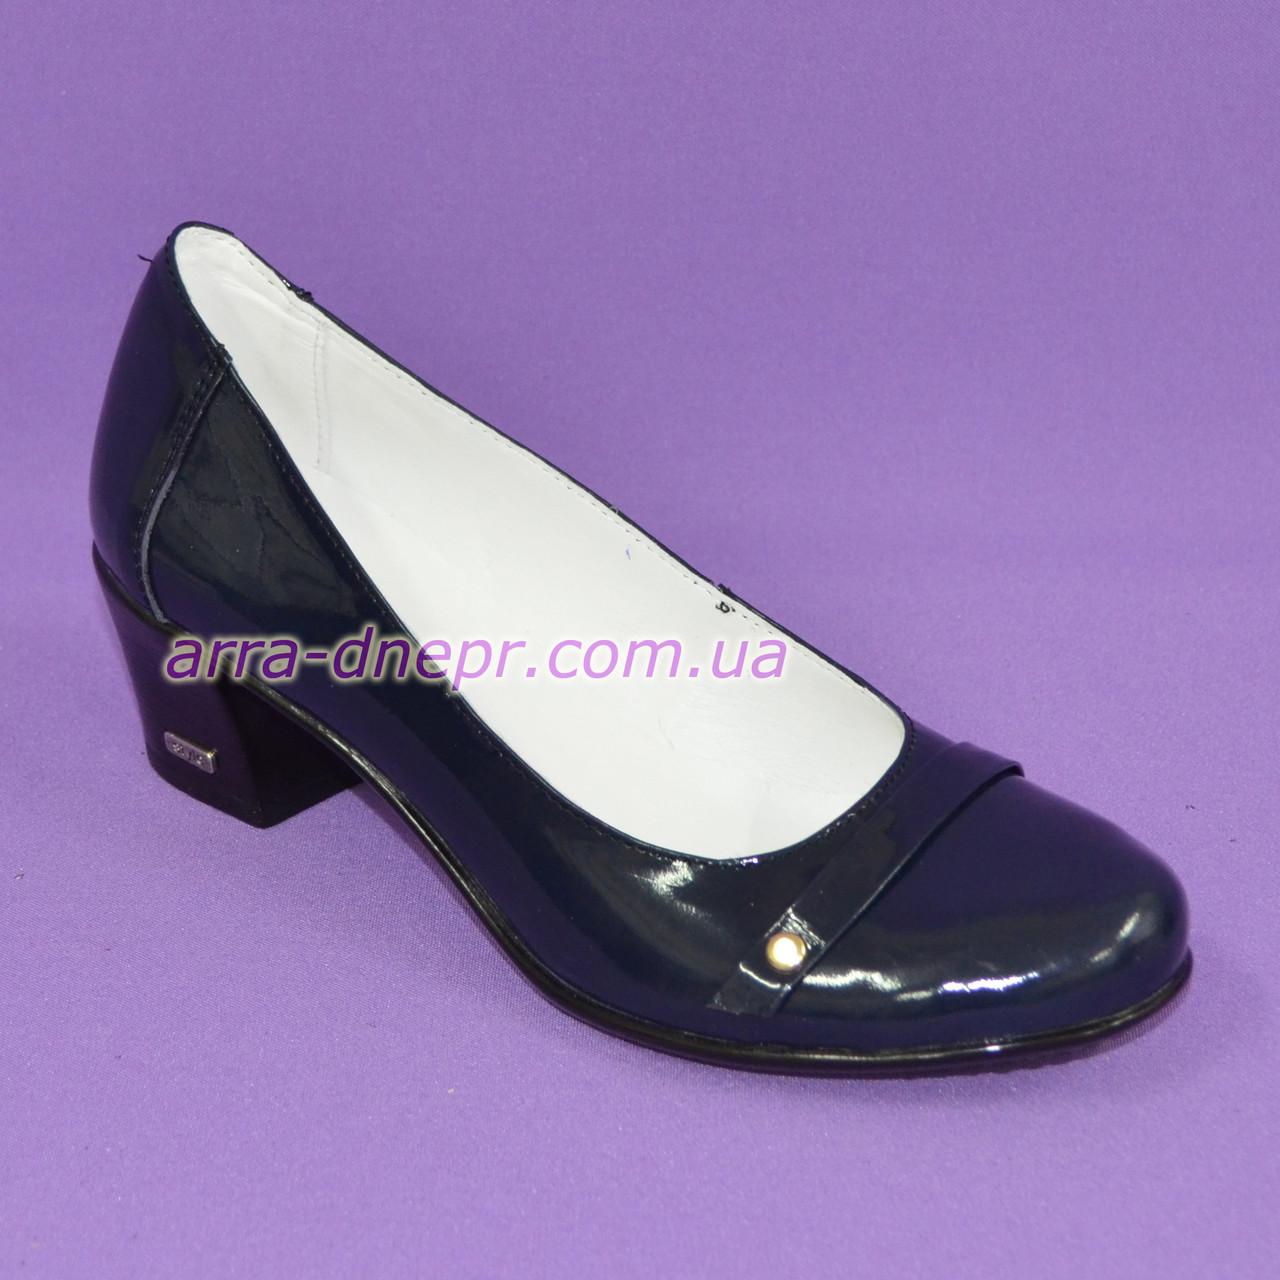 Женские лаковые синие туфли на невысоком каблуке классического пошива.